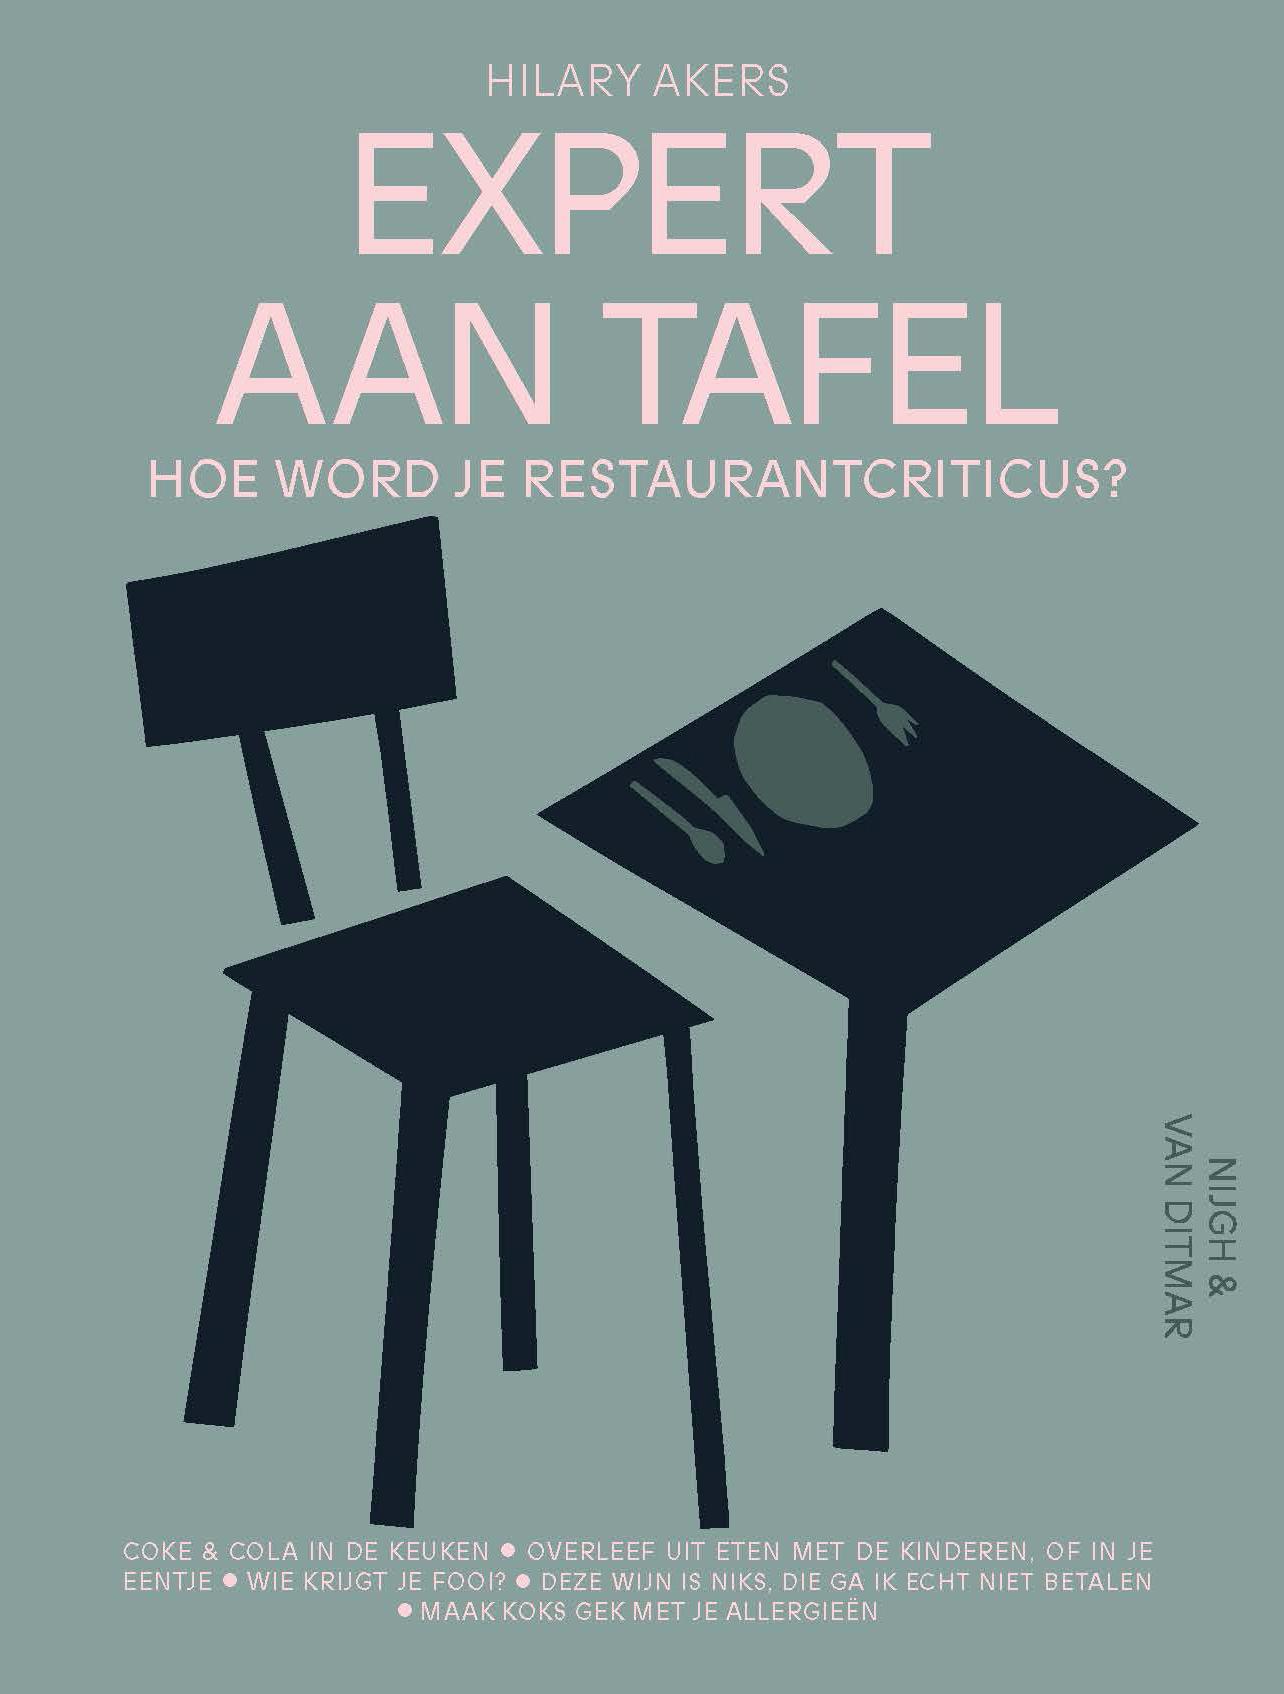 Expert aan tafel: hoe word je restaurantcriticus?